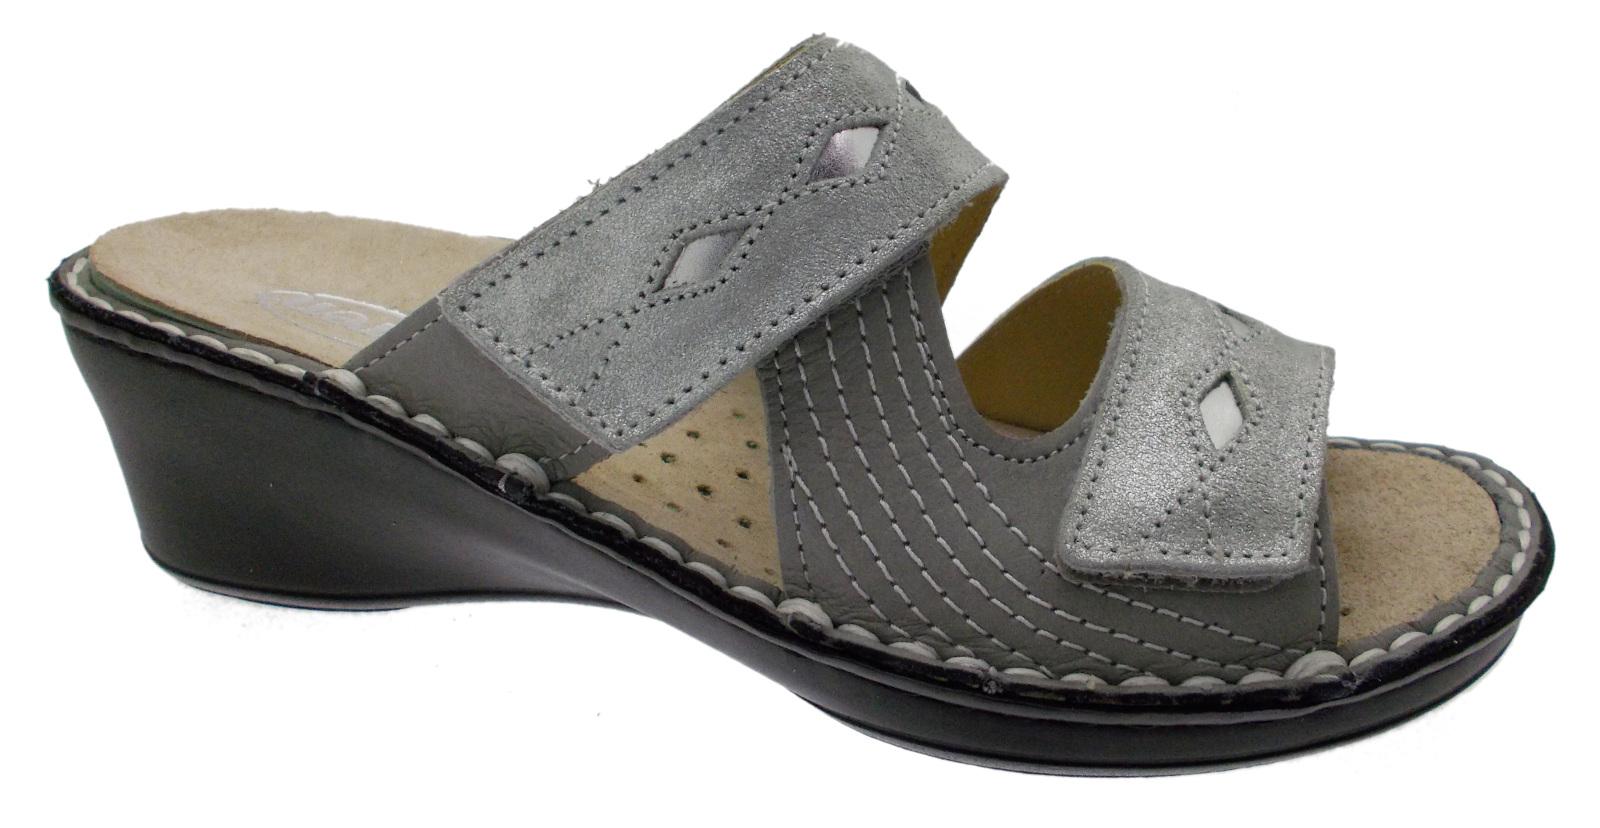 M2653 zoccolo ortopedico a piedi regolabile con piede extra  grande striscia grigia argentoata Loren  liquidazione fino al 70%